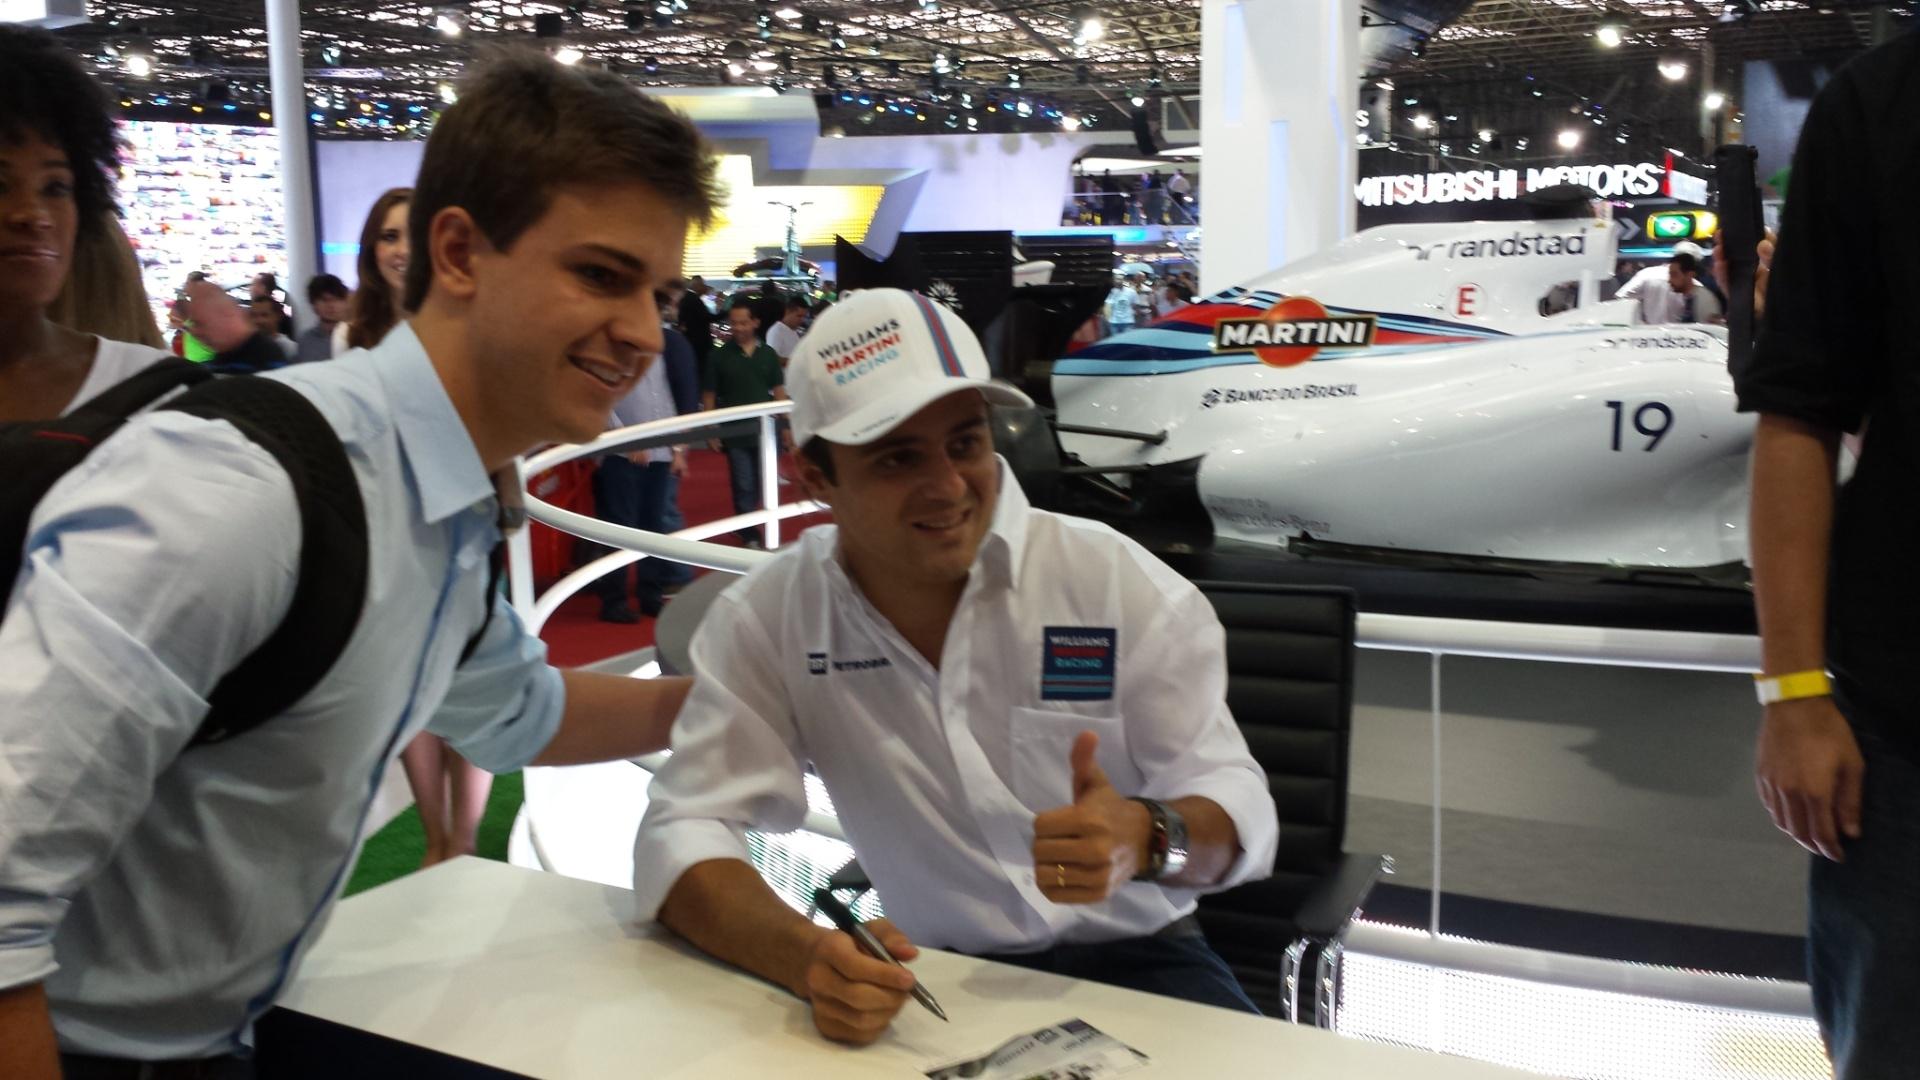 5.11.2014 - Felipe Massa tira foto com fã durante evento da Williams antes do GP do Brasil